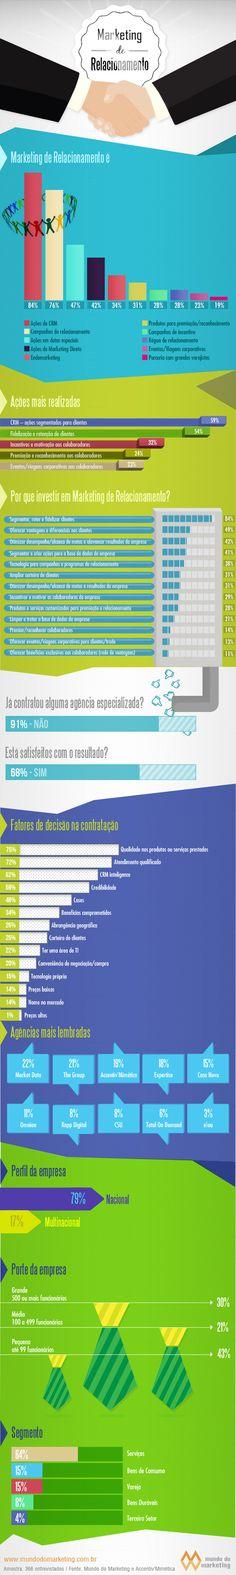 Qual a visão sobre o Marketing de relacionamento no Brasil?